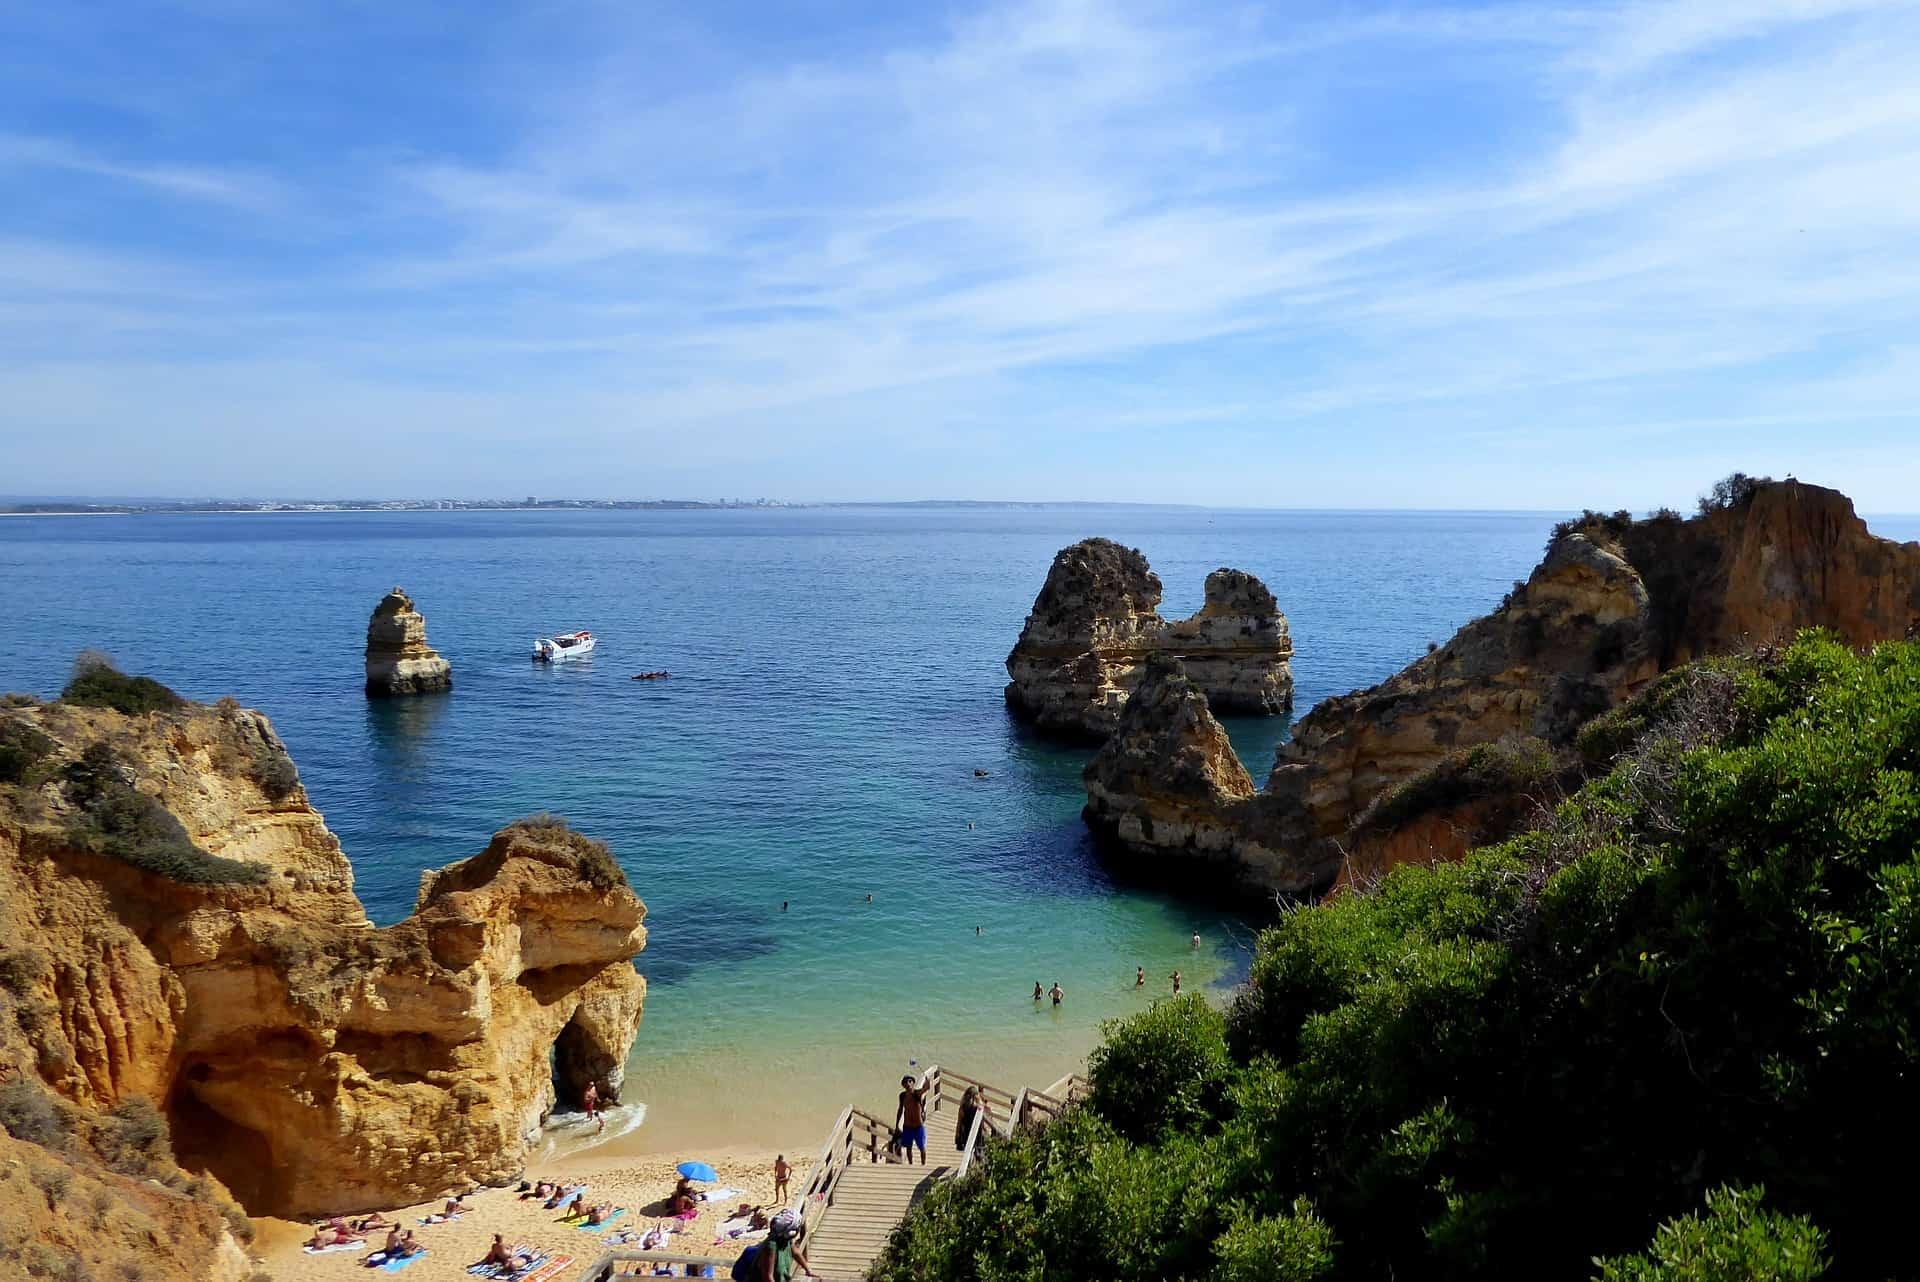 Urlaub Algarve ruft ab 166,53€ die Woche | Portugal 1